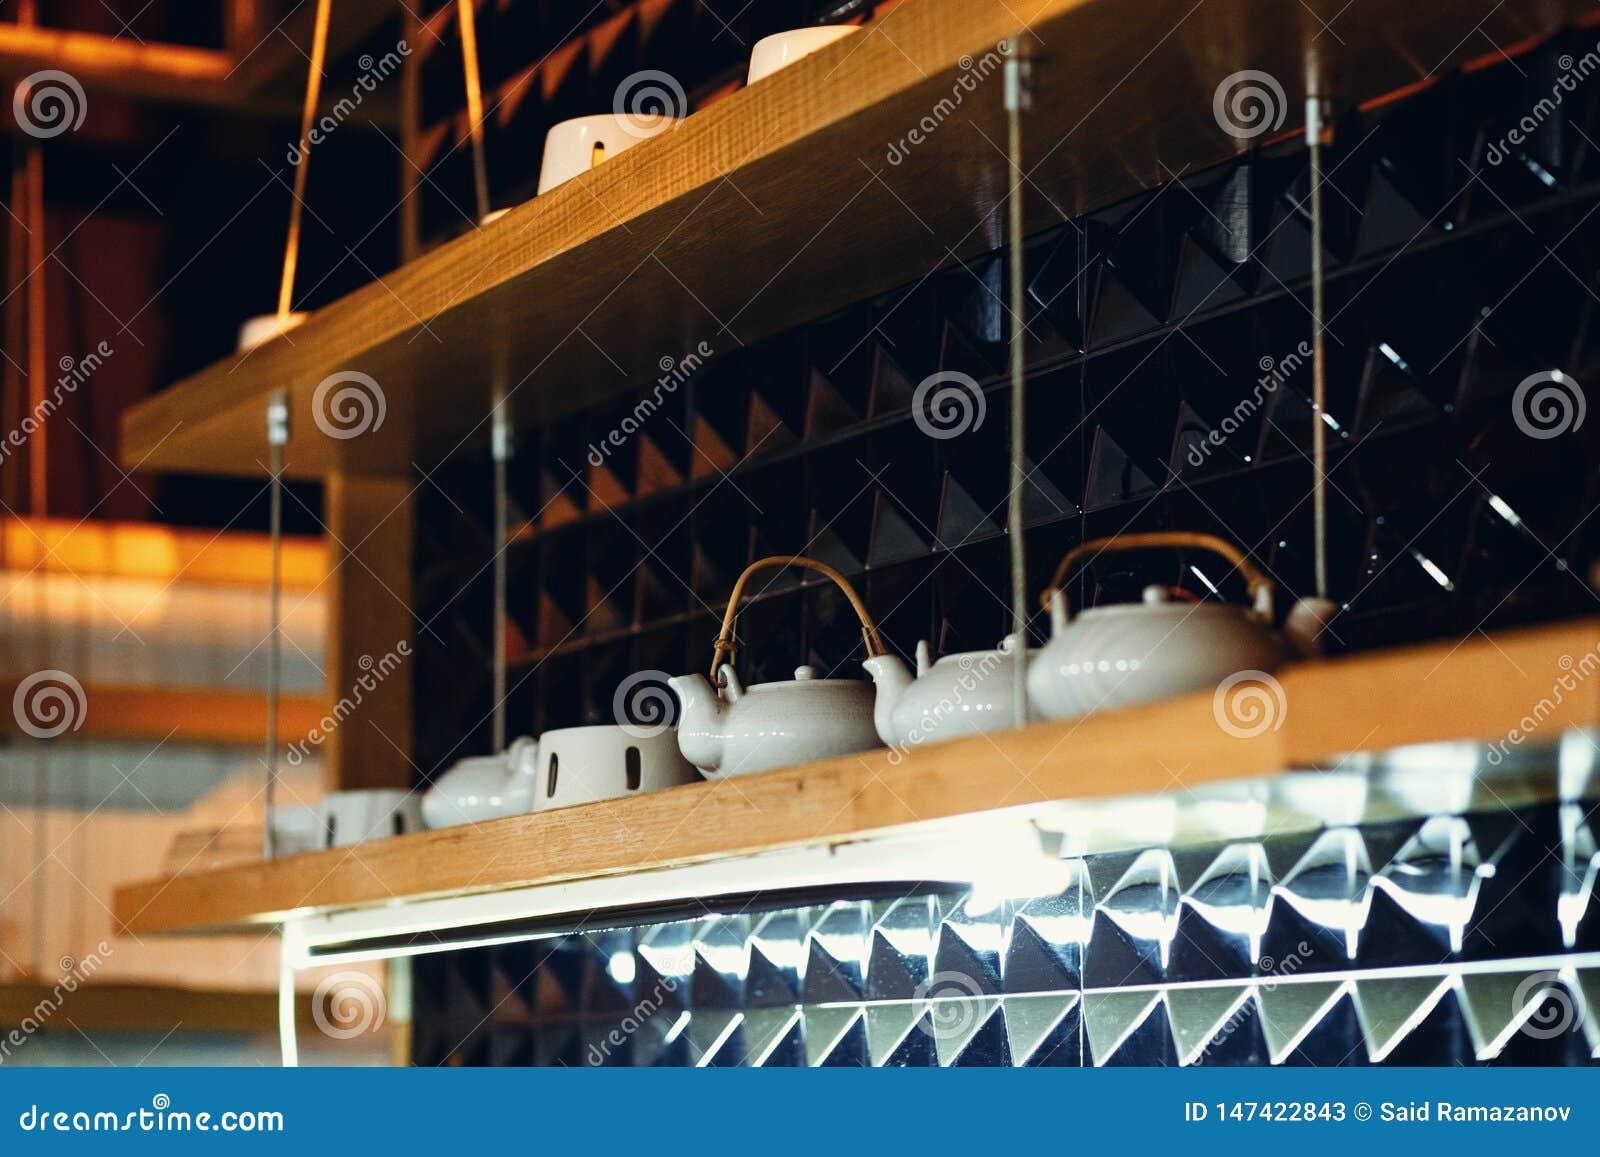 Platos en los estantes en el restaurante en un fondo oscuro